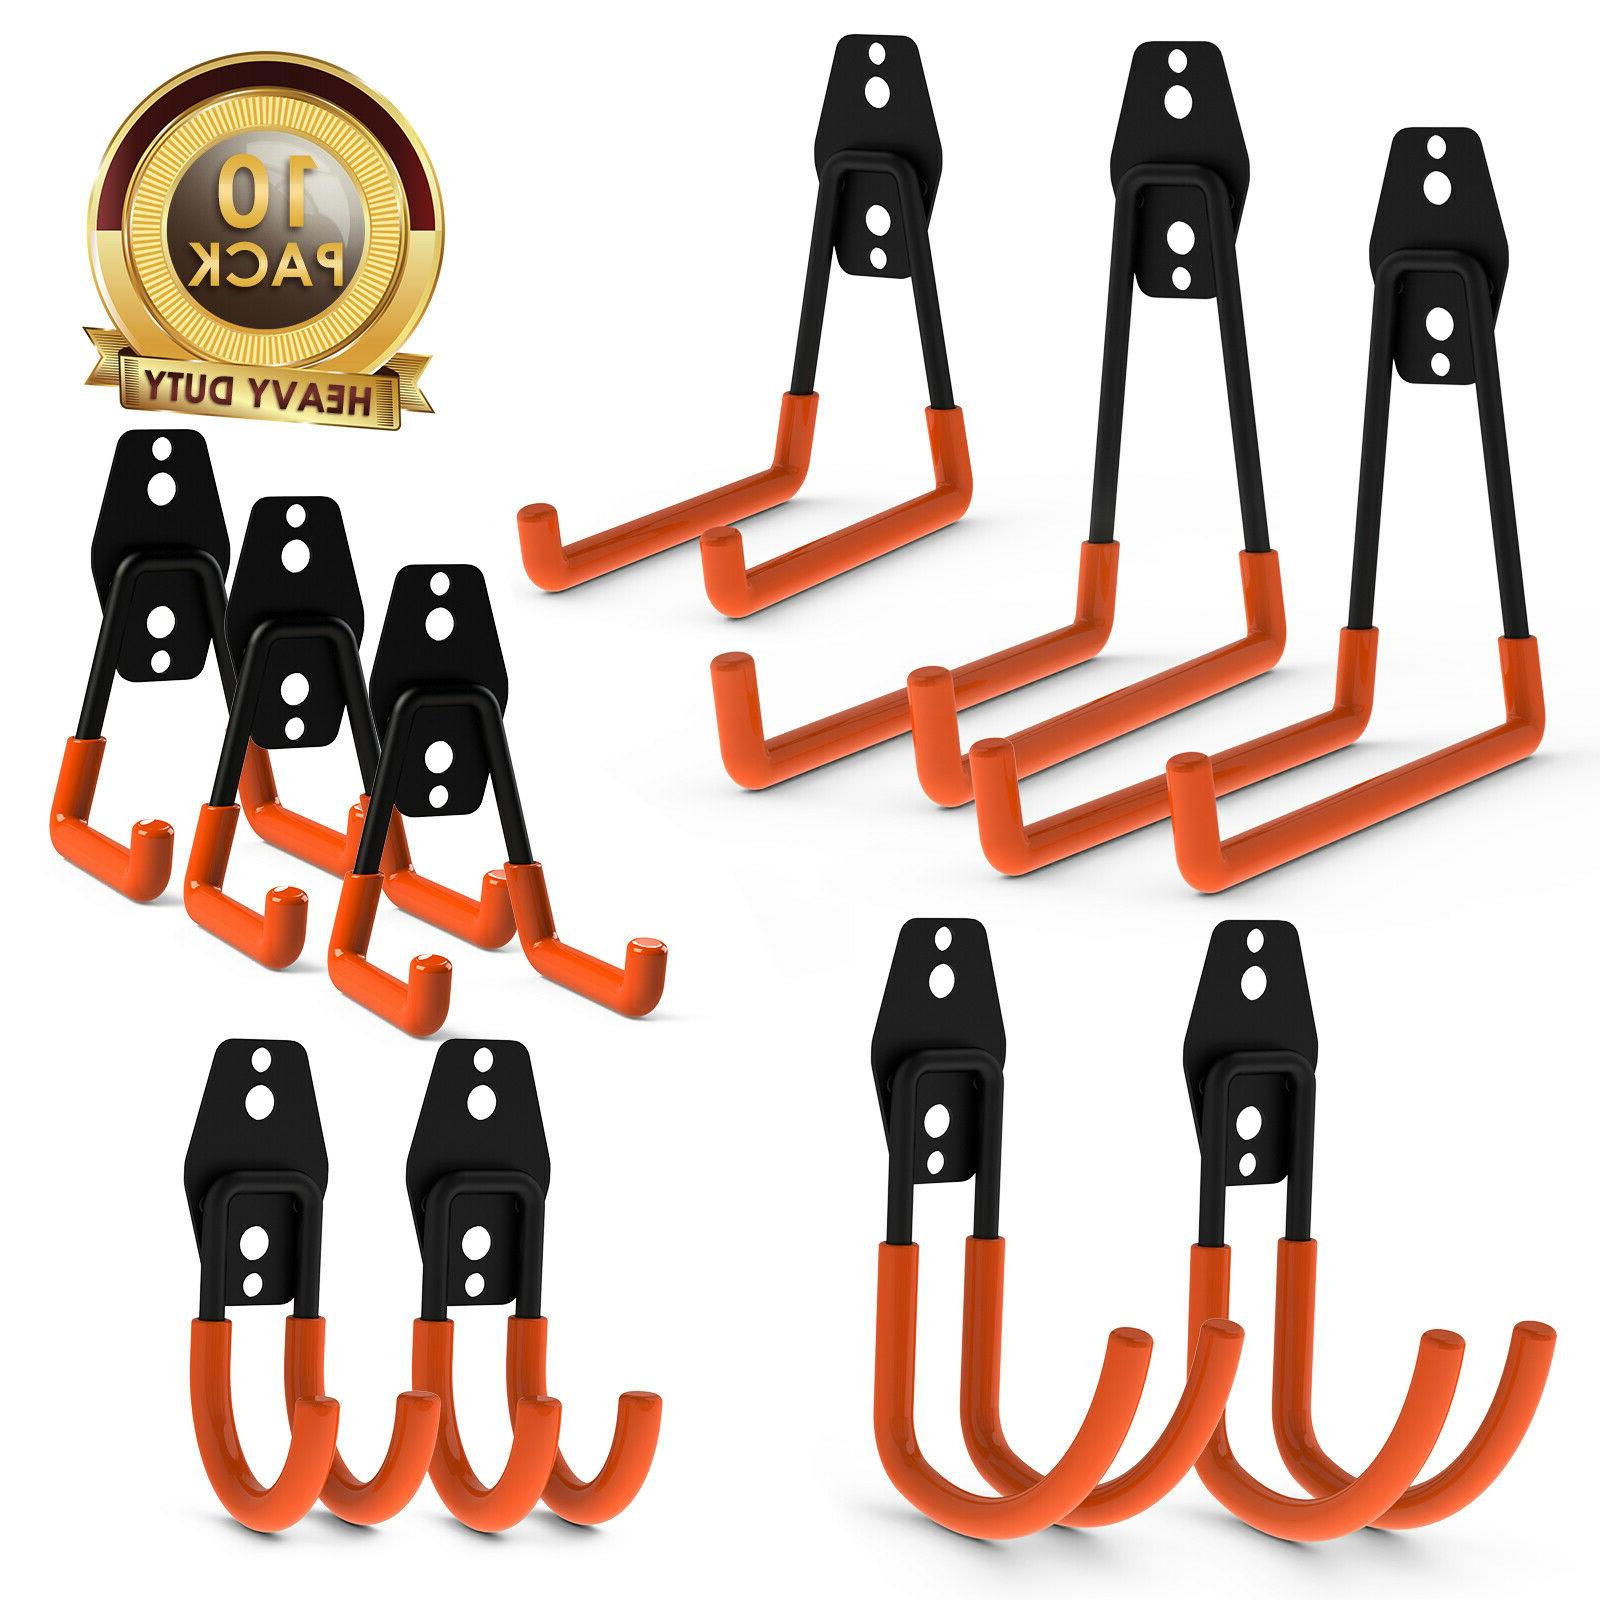 10 pack heavy duty utility hooks garage